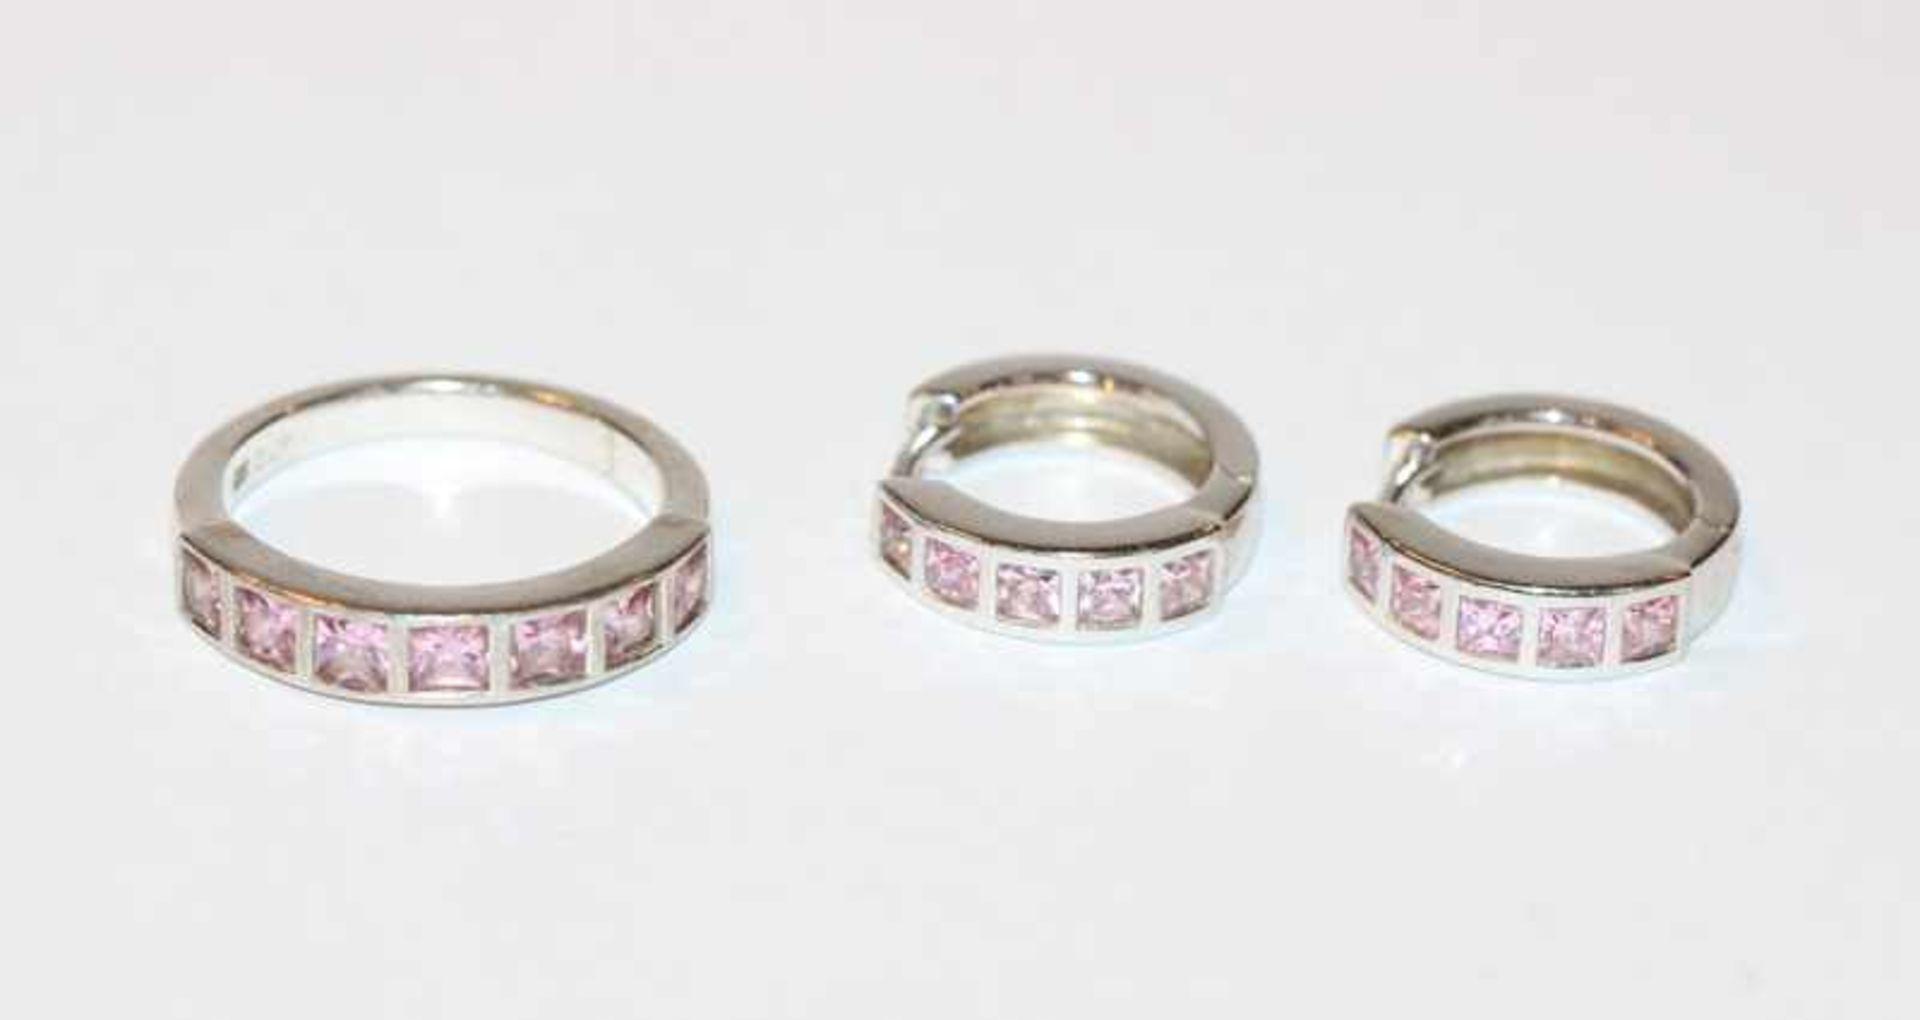 Los 42 - Paar Silber Creolen und passender Ring, Gr. 56, beides mit rosefarbenen Glassteinen